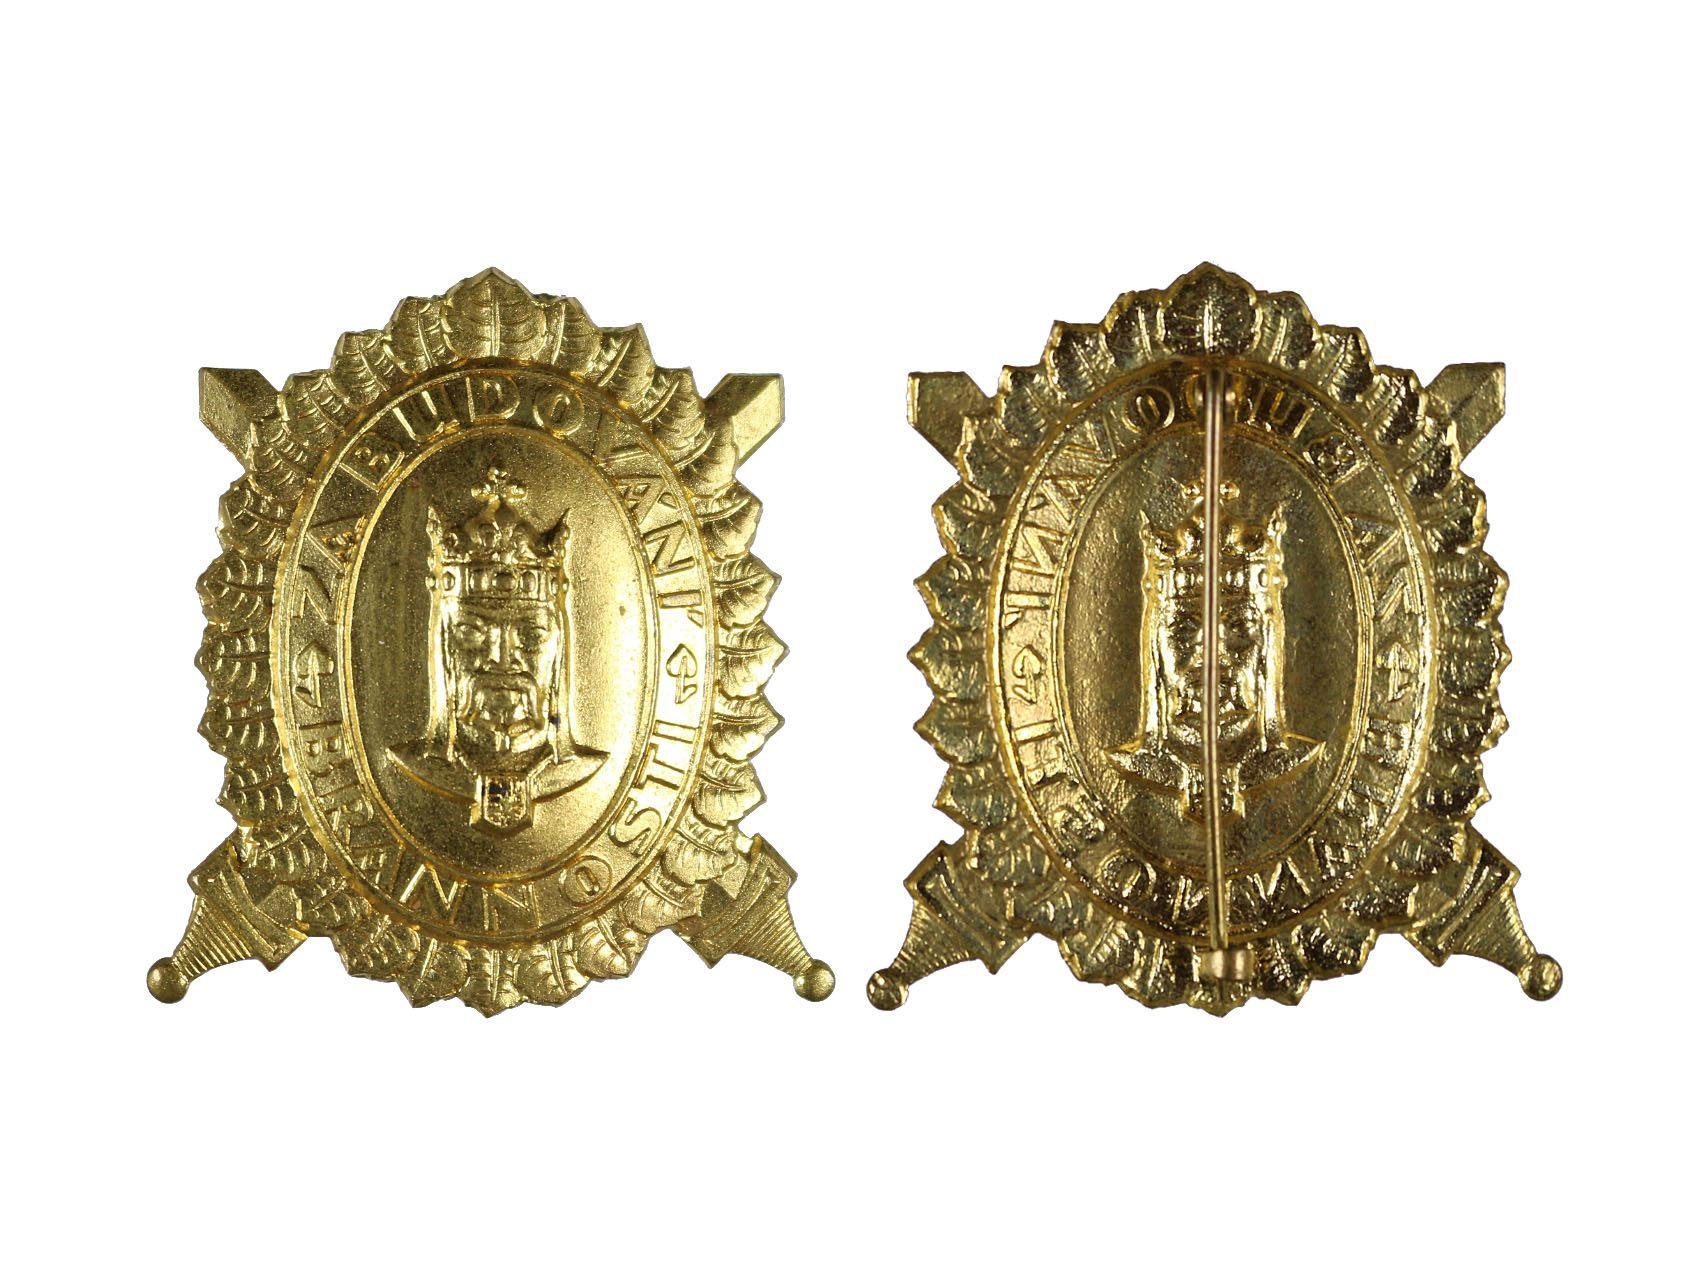 DOK, Čestný odznak, Za budování brannosti, 1. třída, zlatý, N97